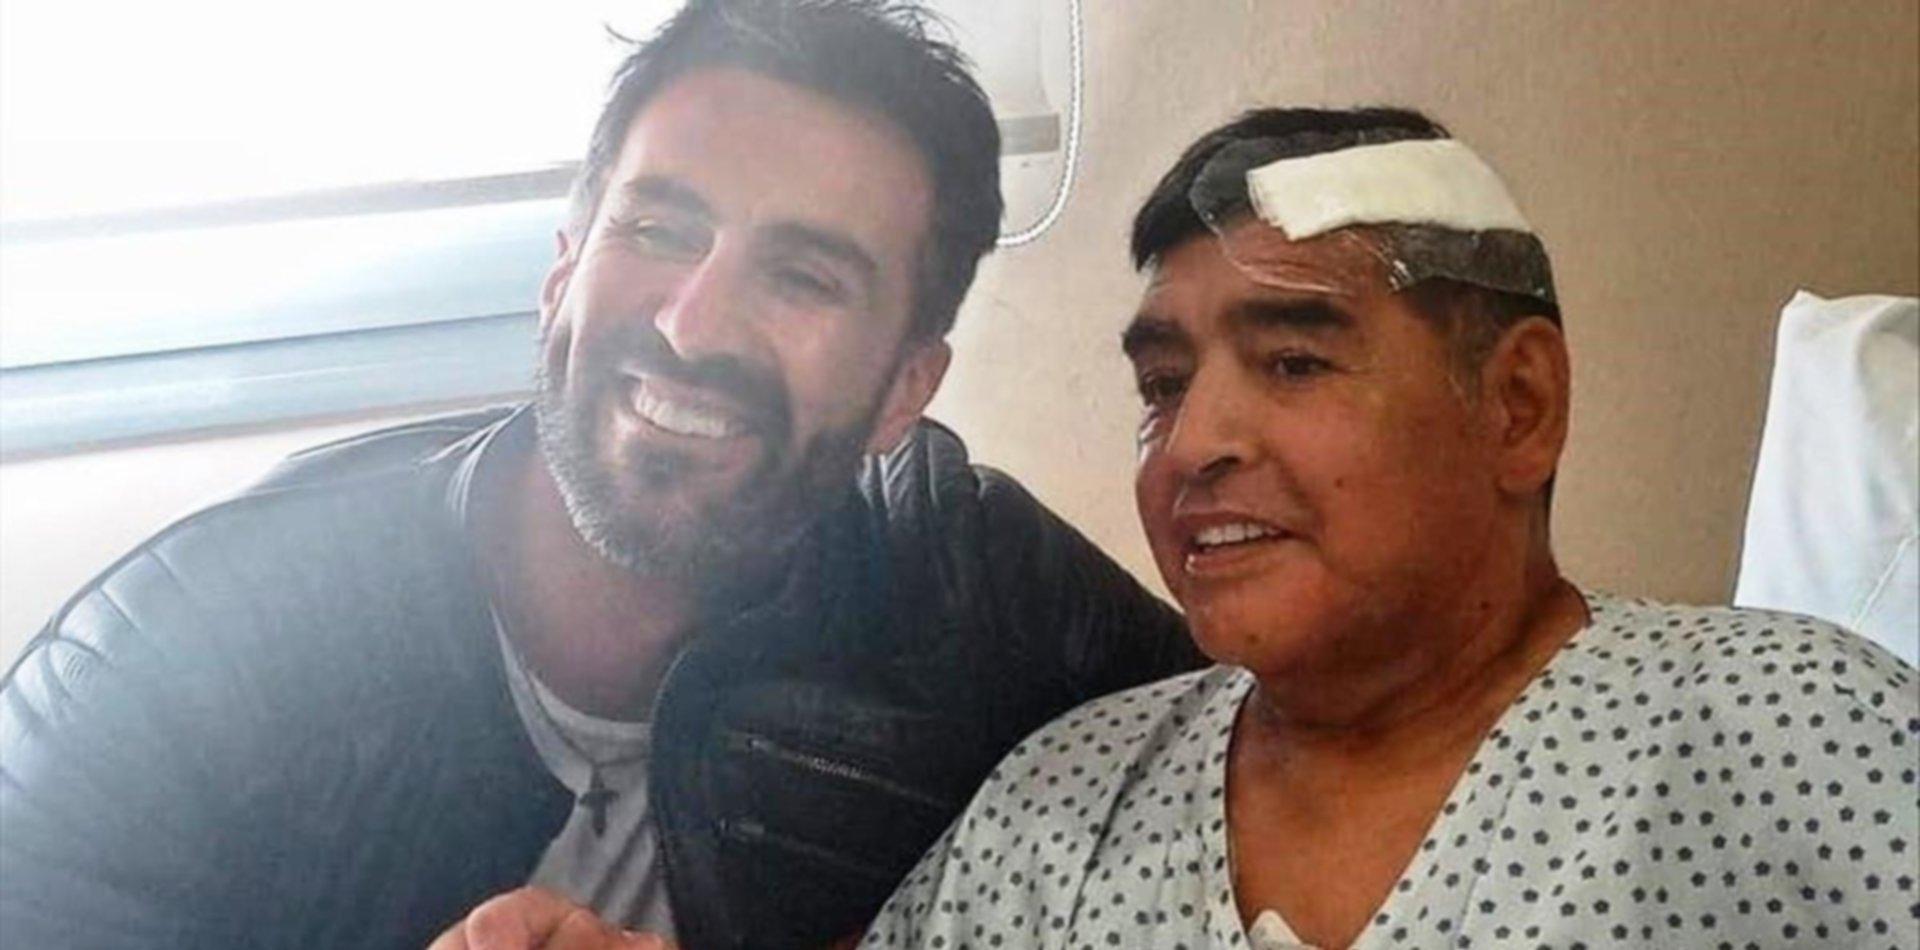 Nuevo testimonio: ¿quién fue la última persona que vio con vida a Maradona?